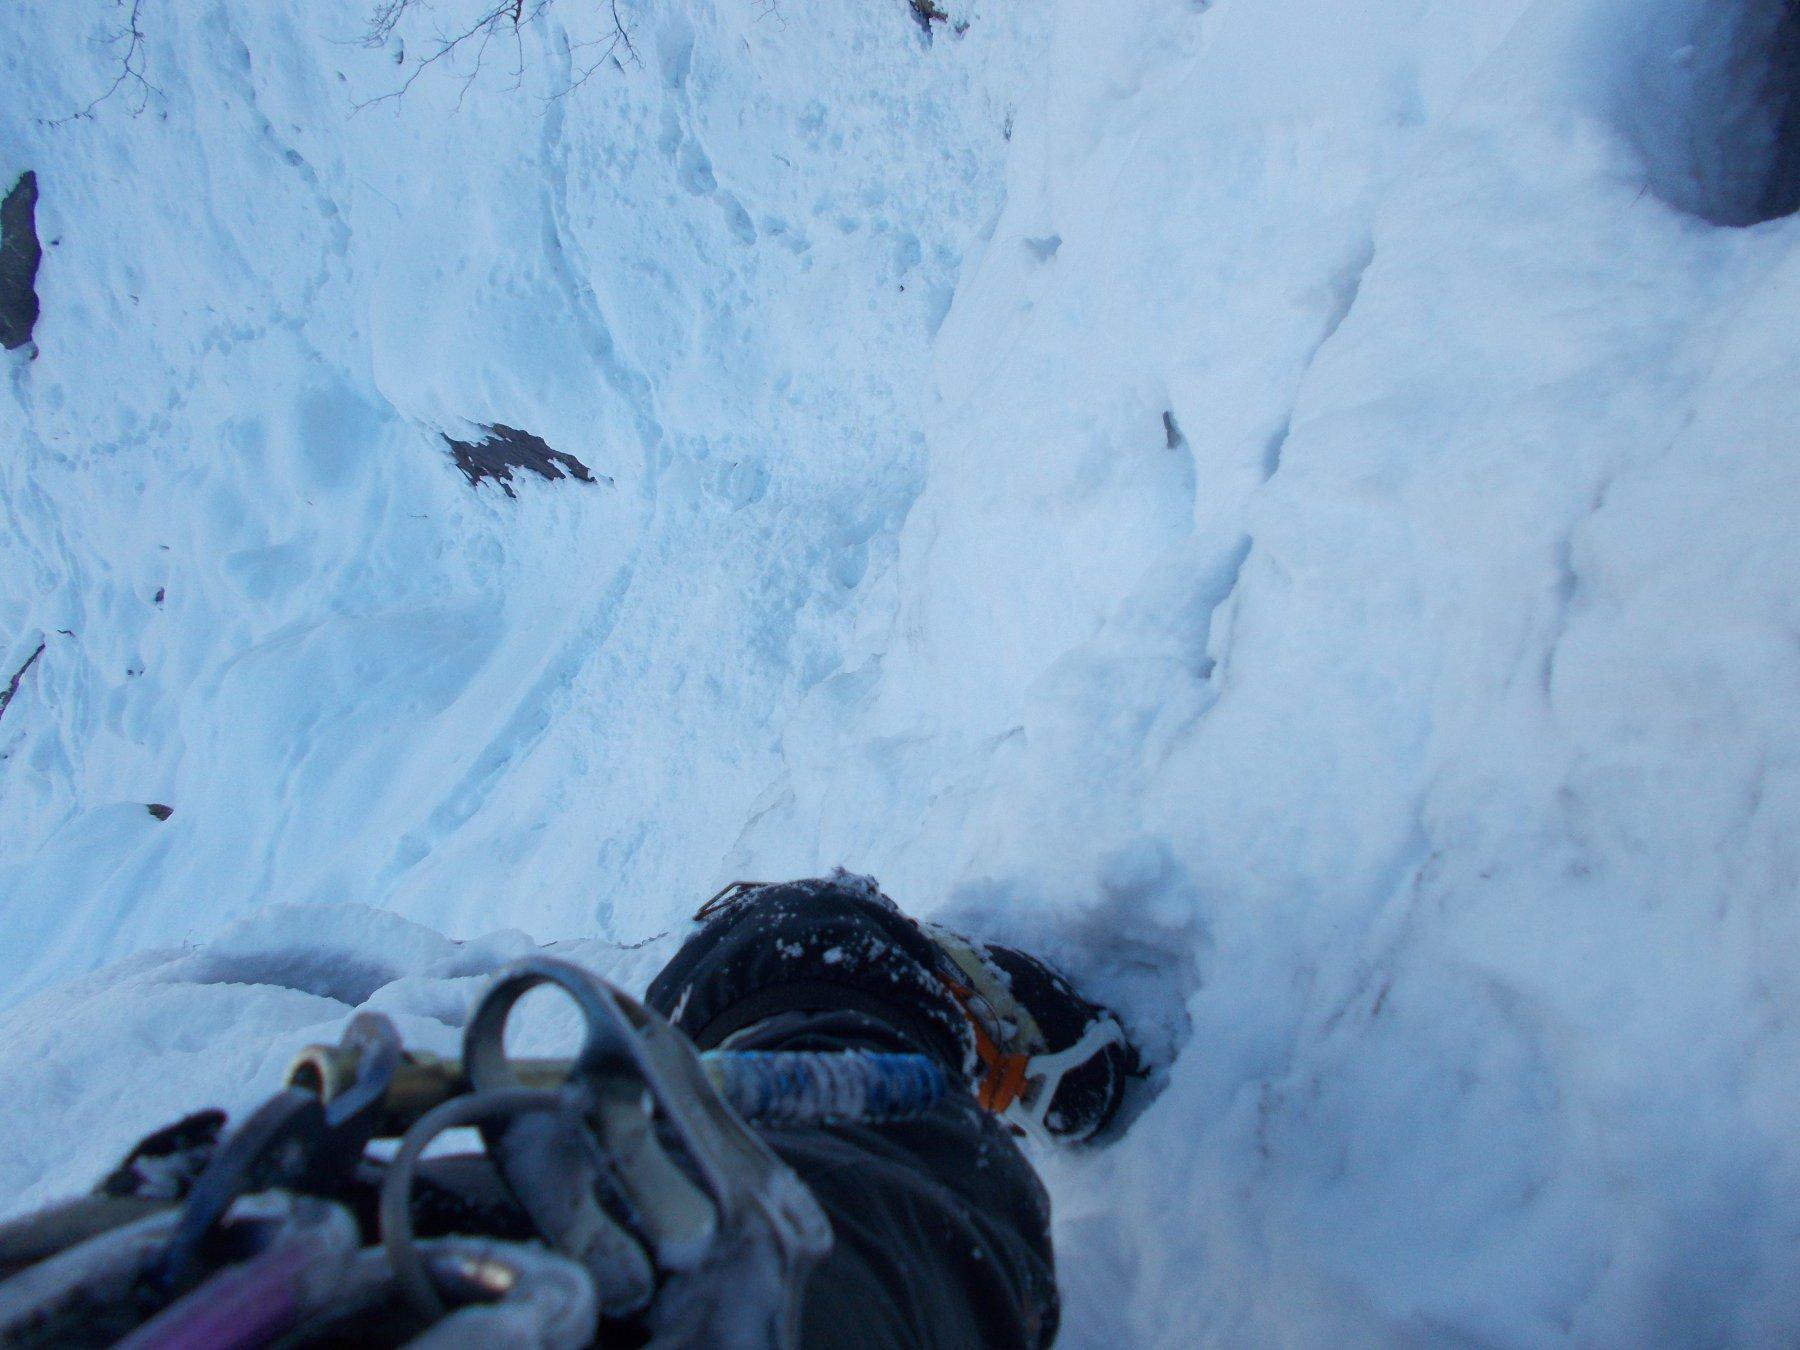 primo salto..alla ricerca di appoggi solidi..sotto la neve..